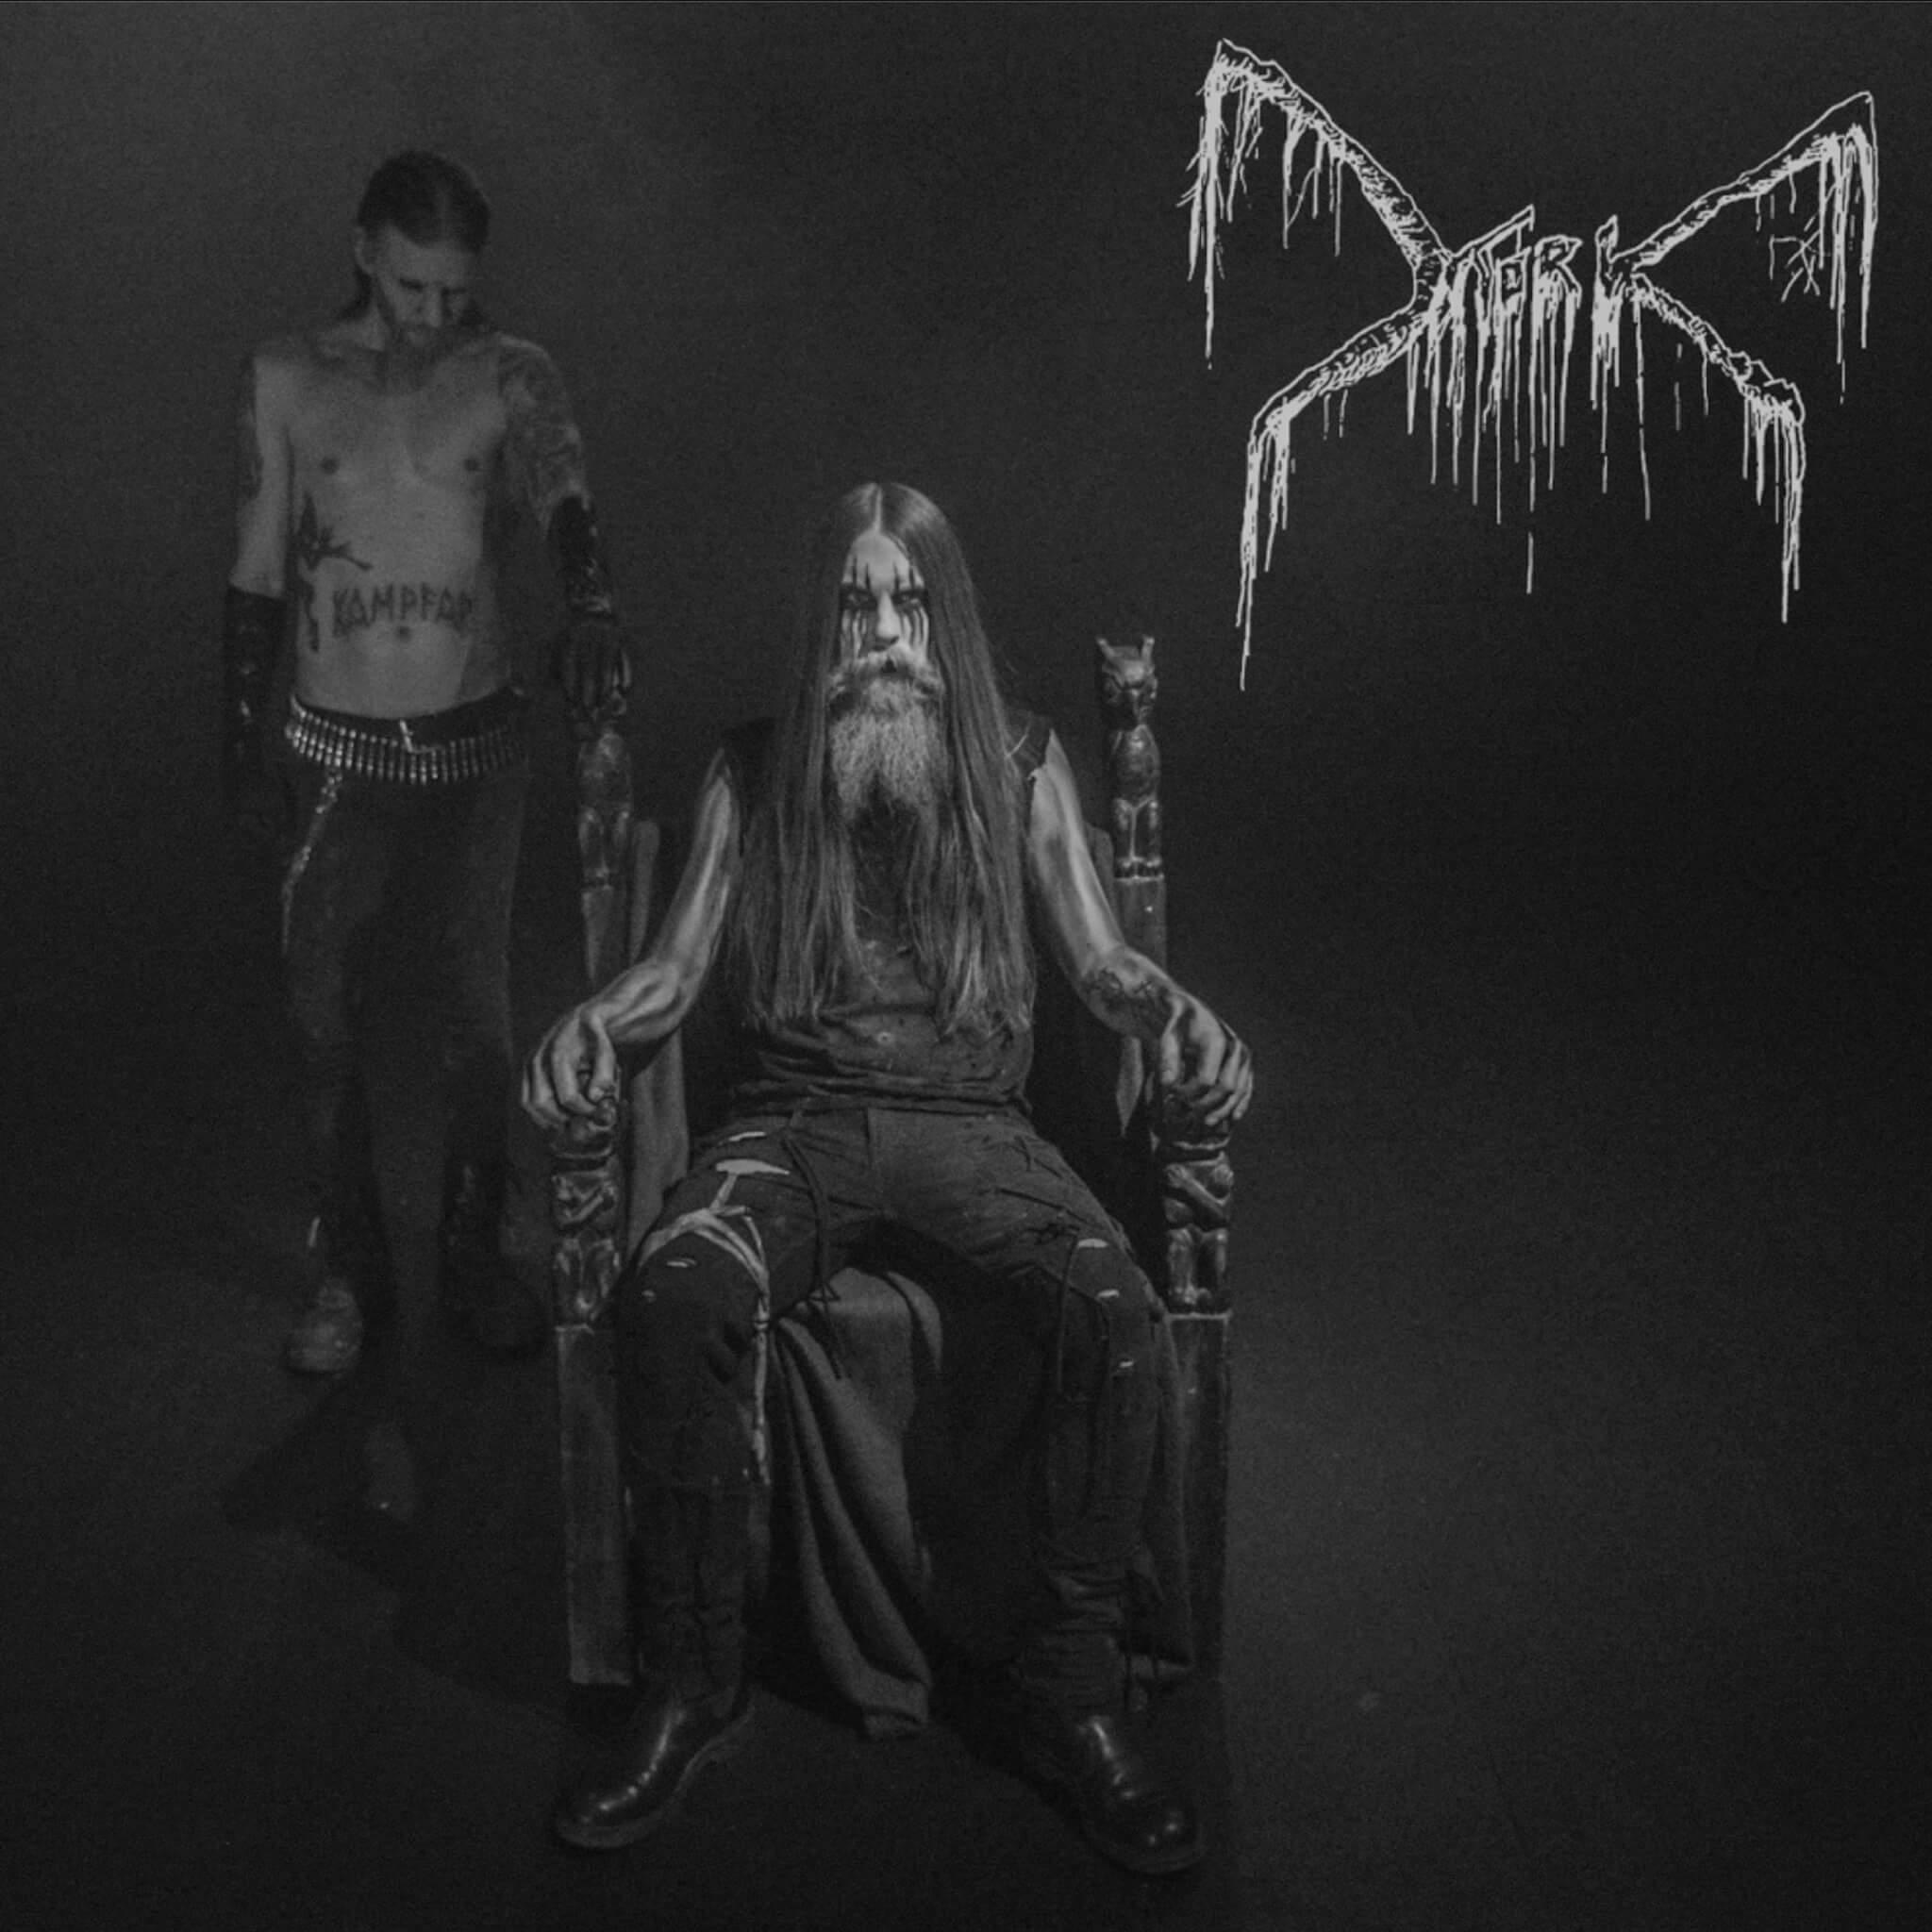 """Mork release digital single and new video for """"Født Til A Herske"""" (Feat. Dolk Of Kampfar)"""